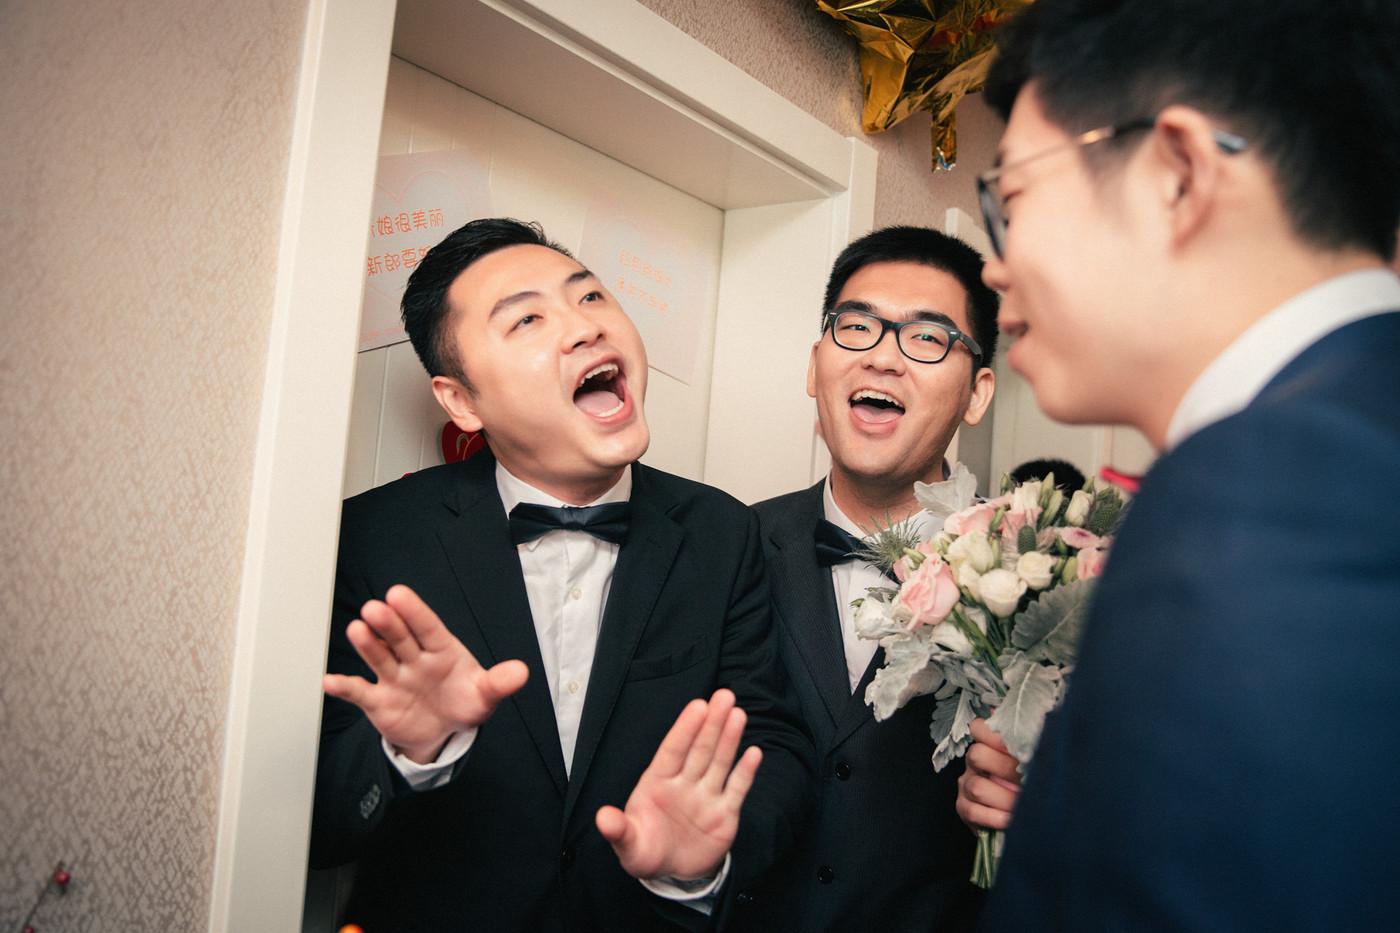 【KAI 婚礼纪实】P&S 南京婚礼22